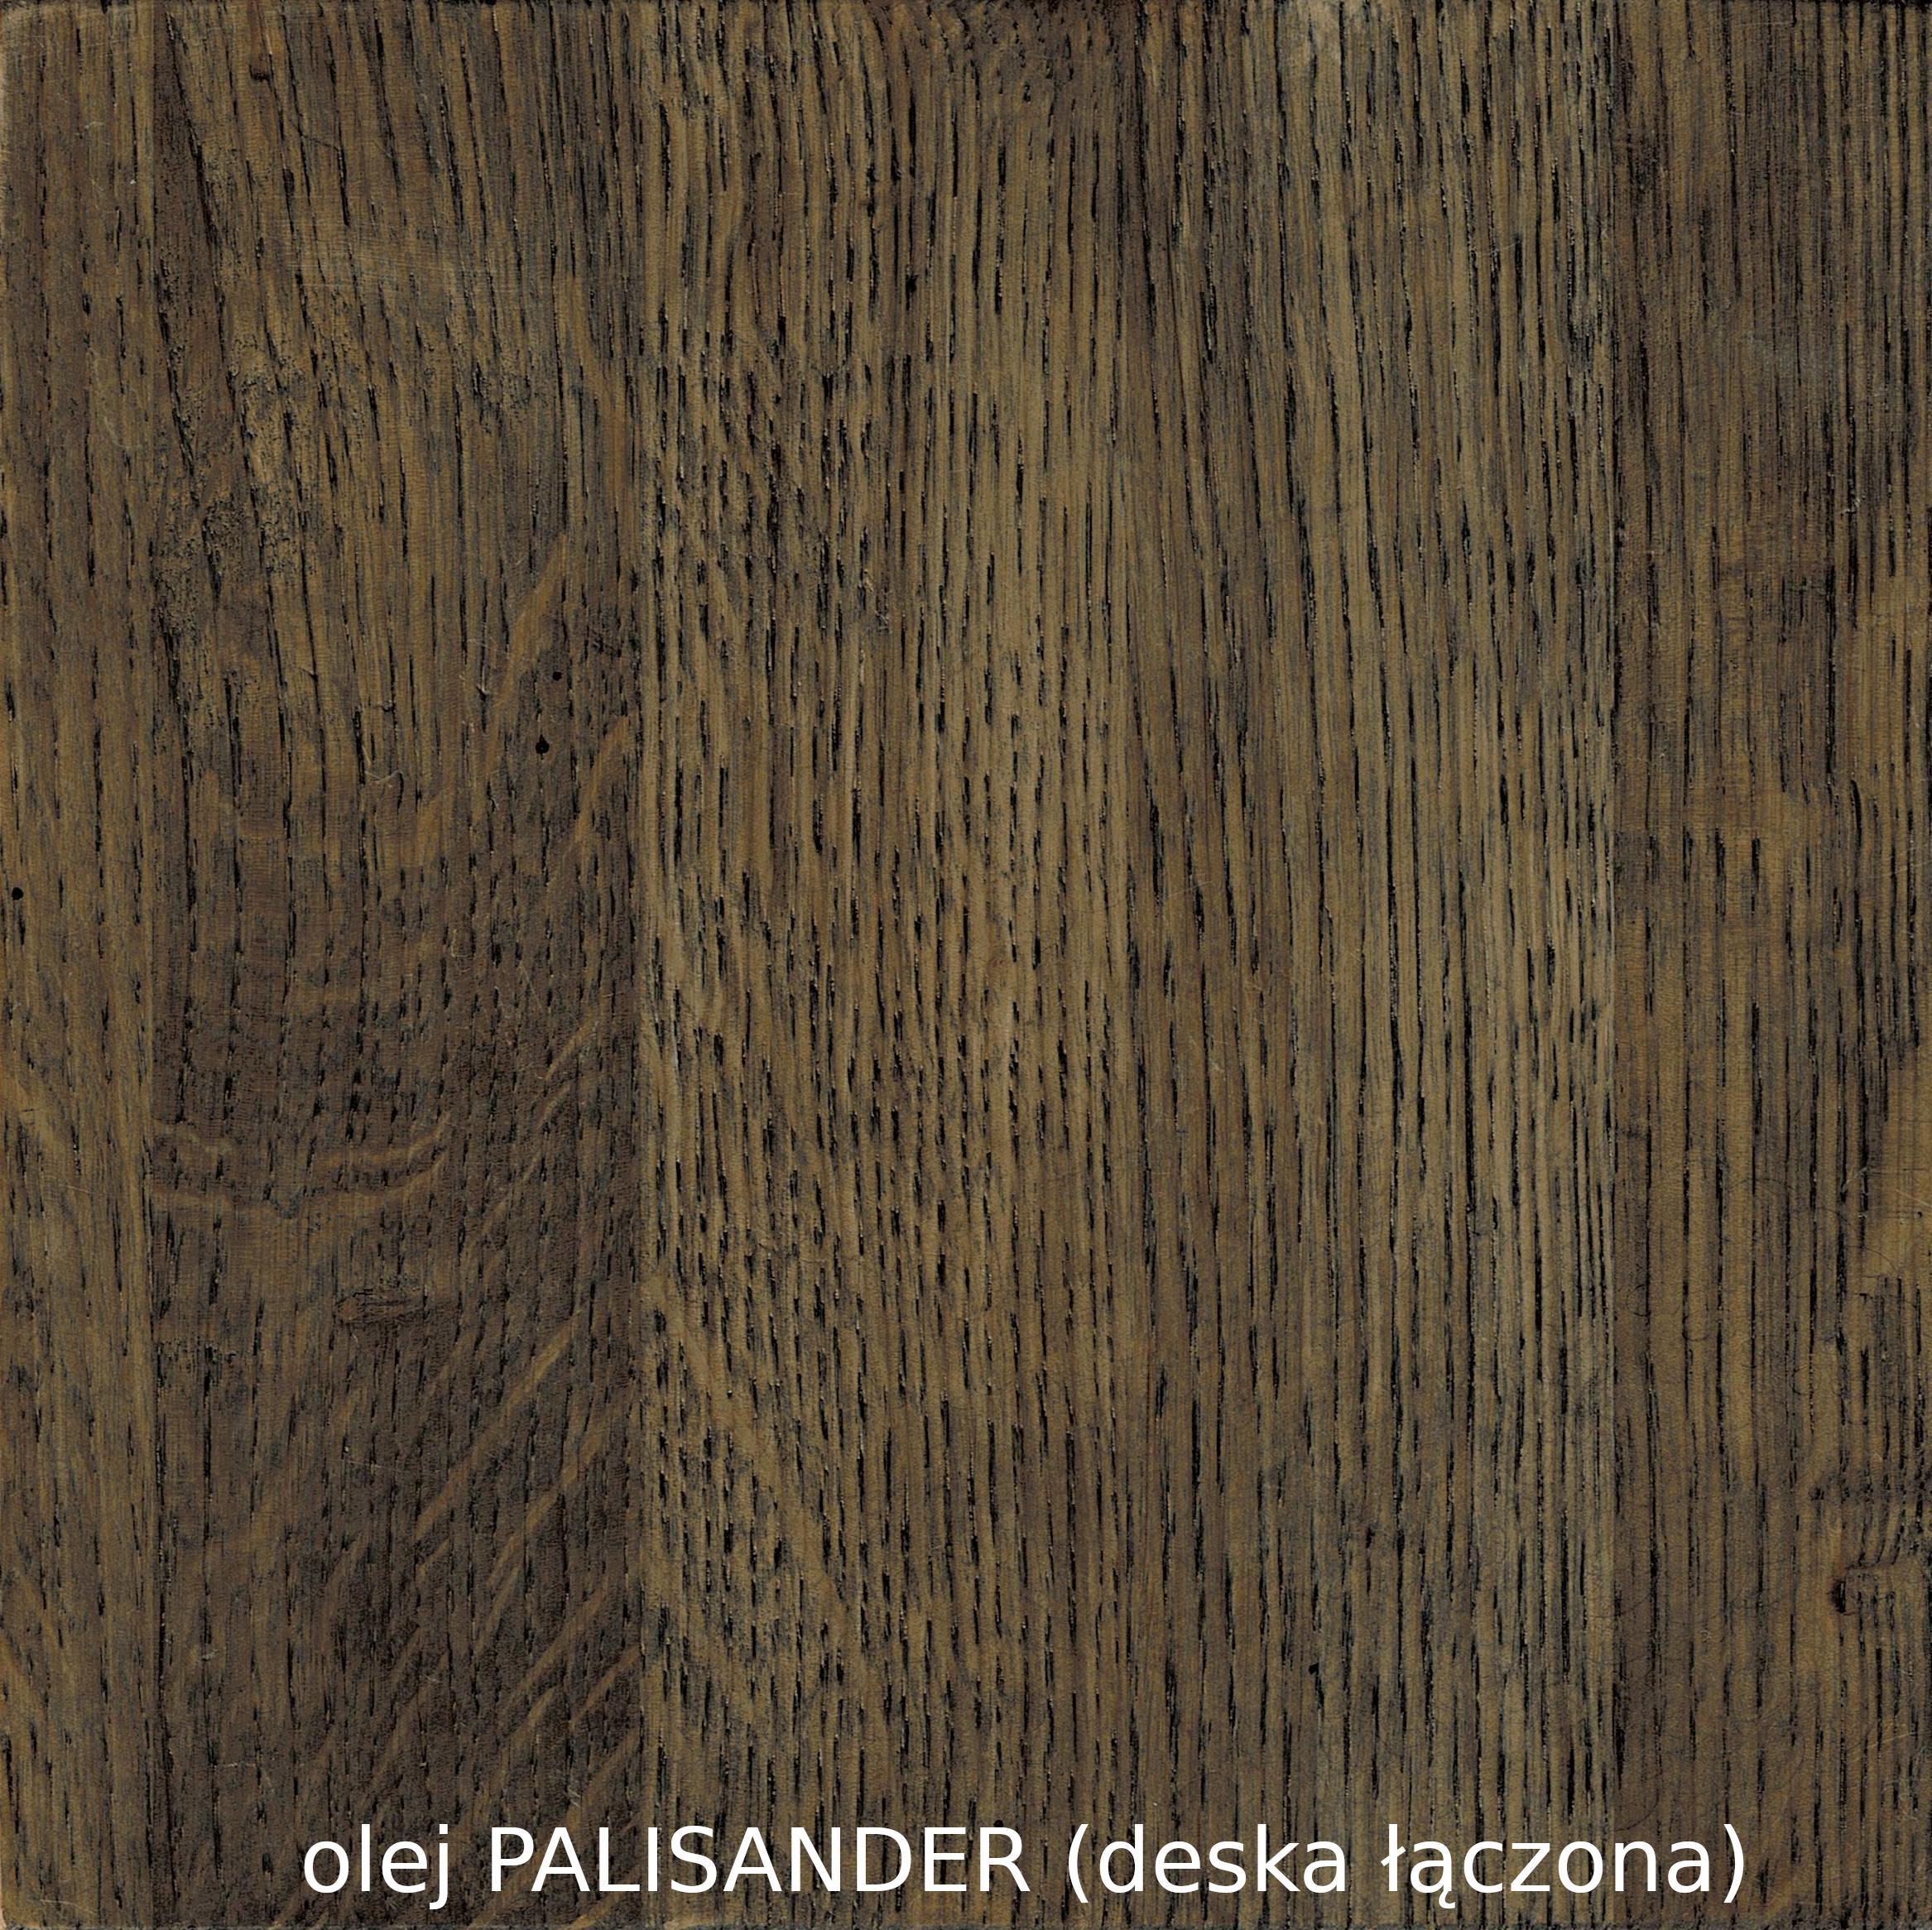 olej PALISANDER (deska łączona)